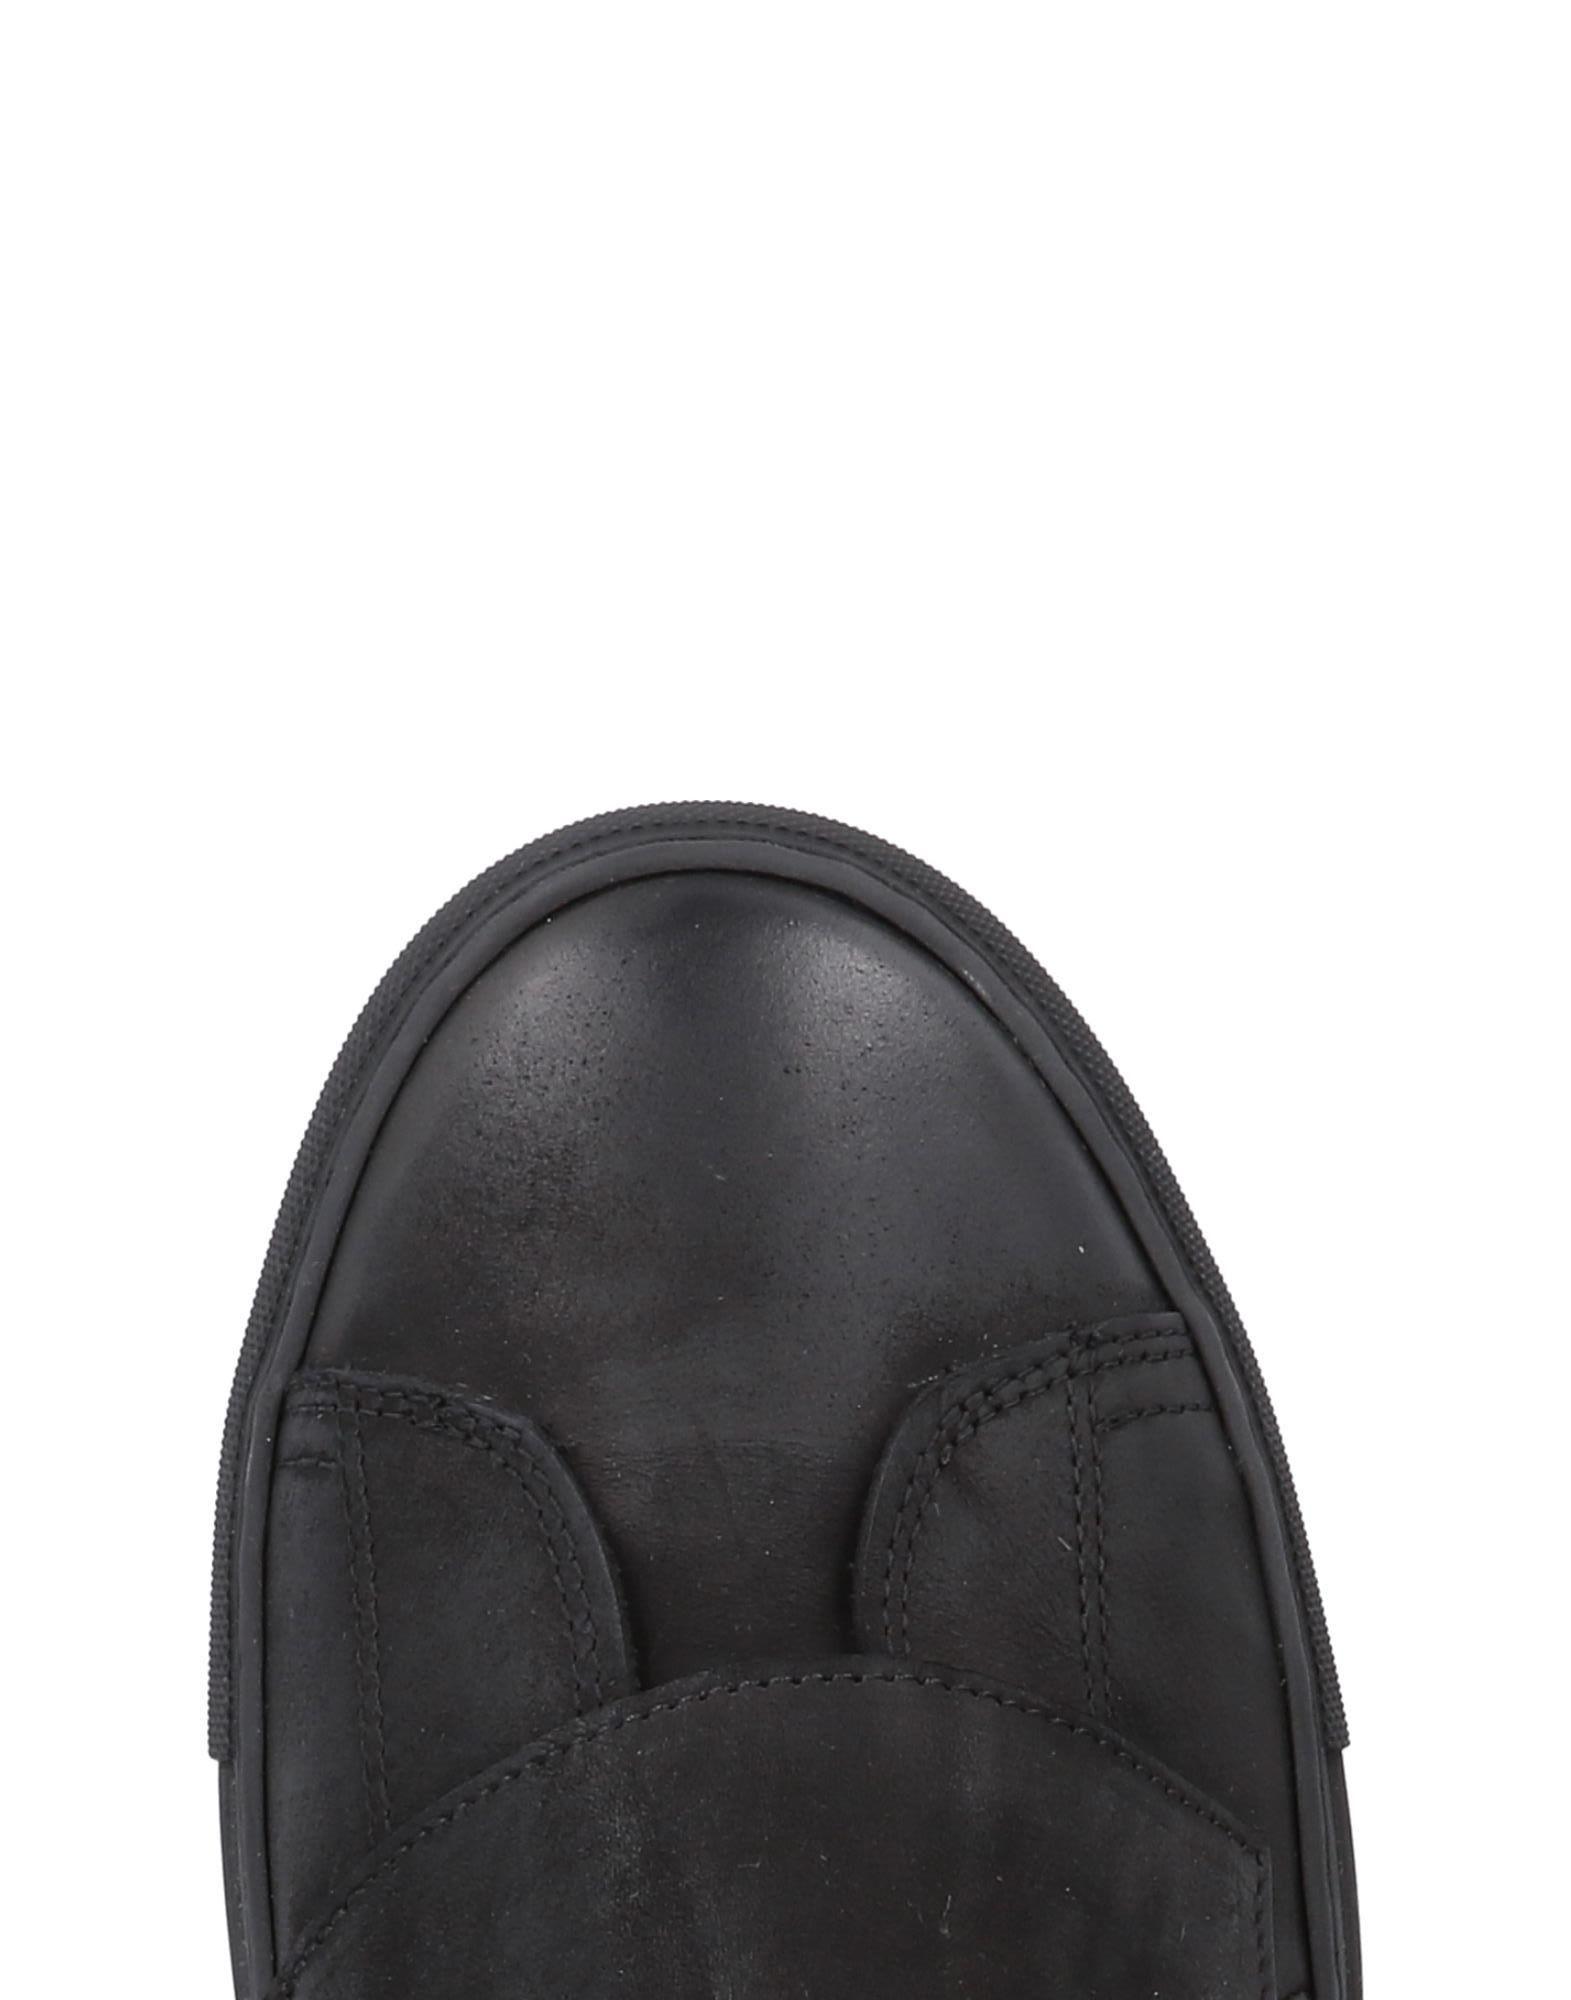 Sneakers Pawelk's Sneakers  Herren  11495812DE Heiße Schuhe 4795f6